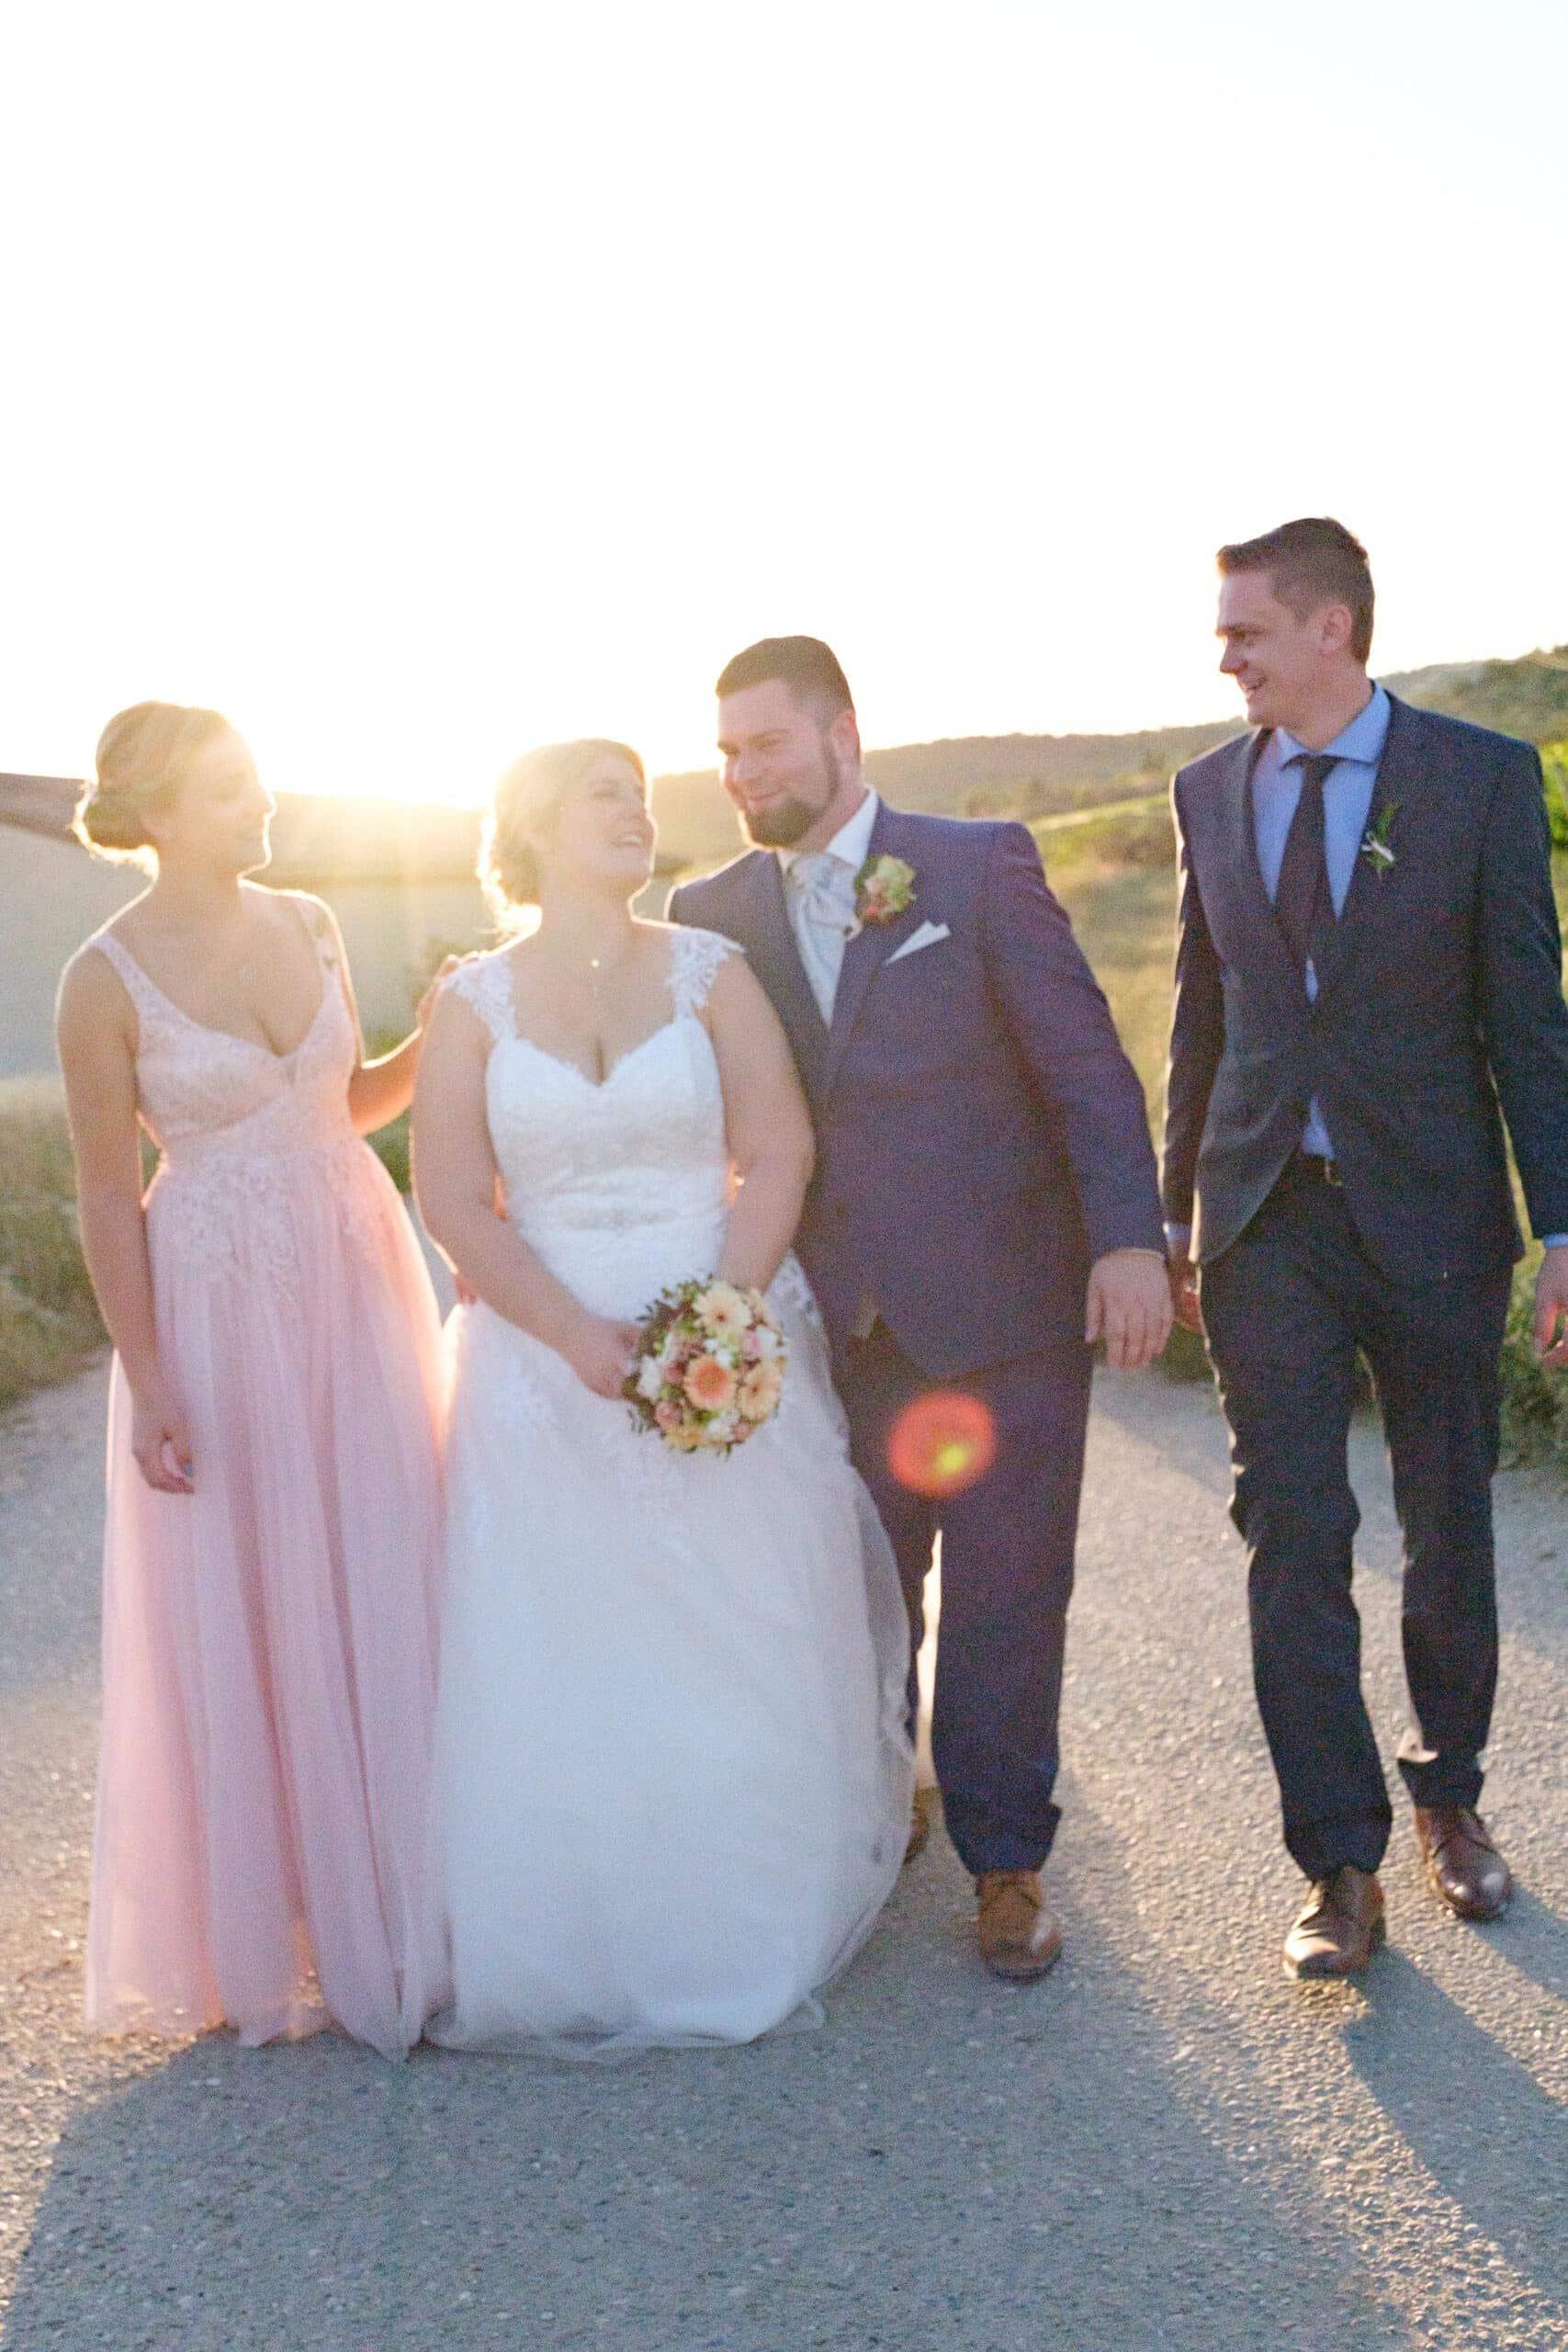 lachendes Brautpaar mit Trauzeugen und Gegenlicht Sonne